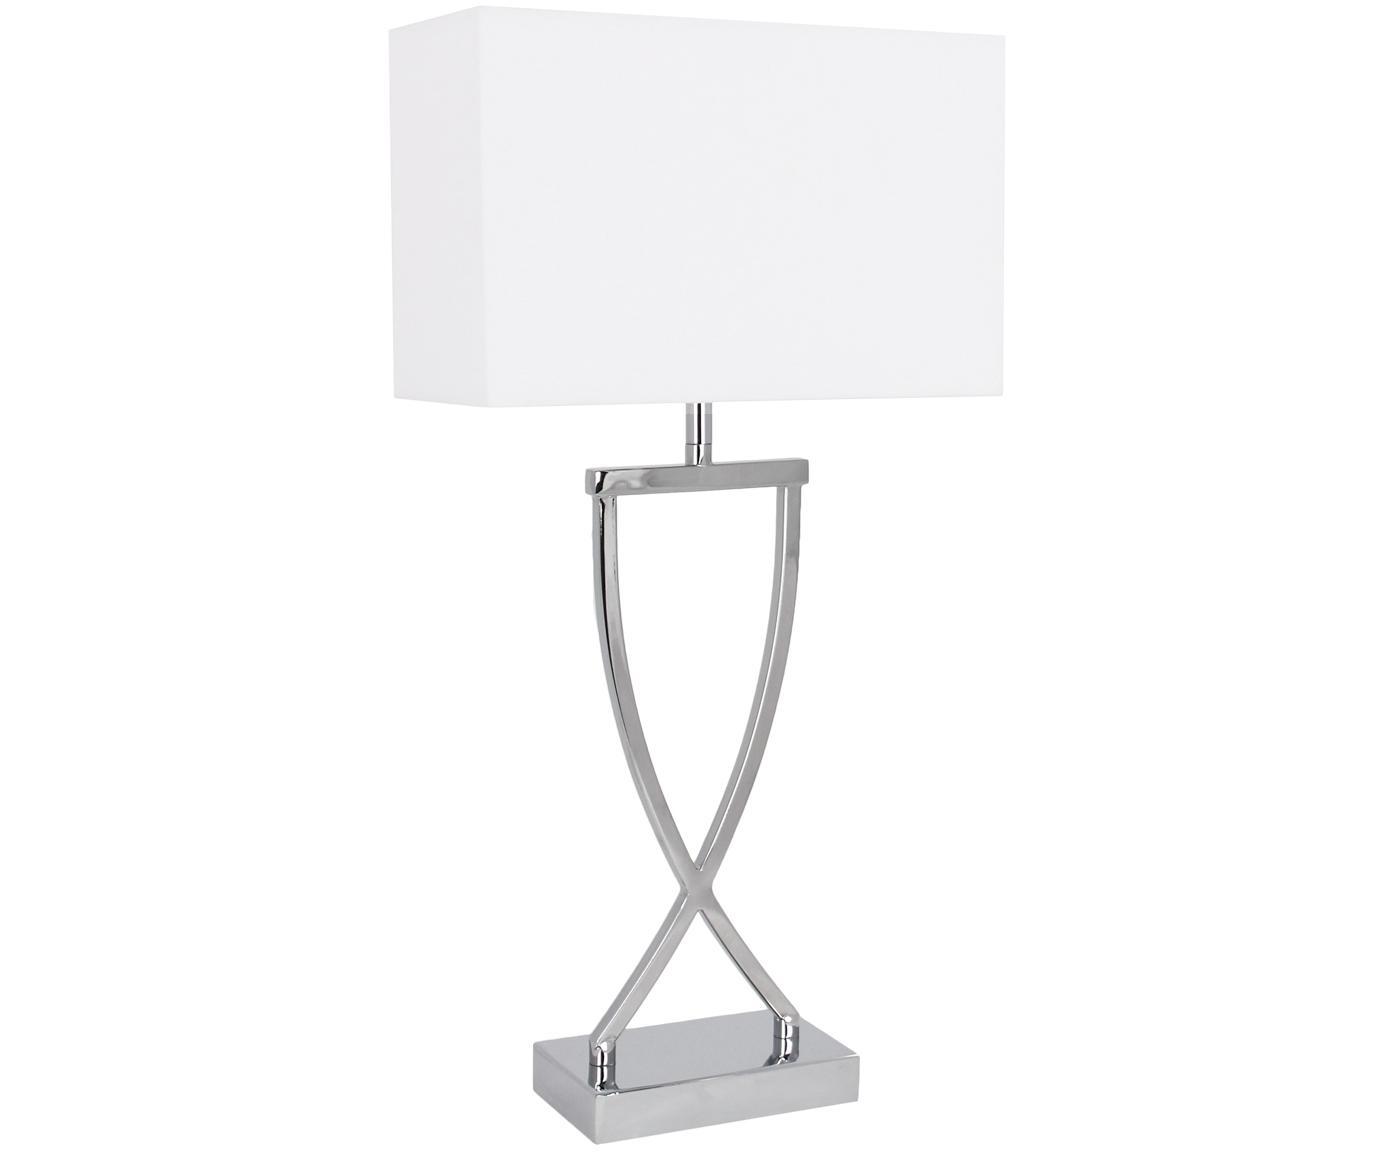 Klassische Tischleuchte Vanessa, Lampenfuß: Metall, Lampenschirm: Textil, Lampenfuß: Chrom, Lampenschirm: Weiß, Kabel: Weiß, 27 x 52 cm